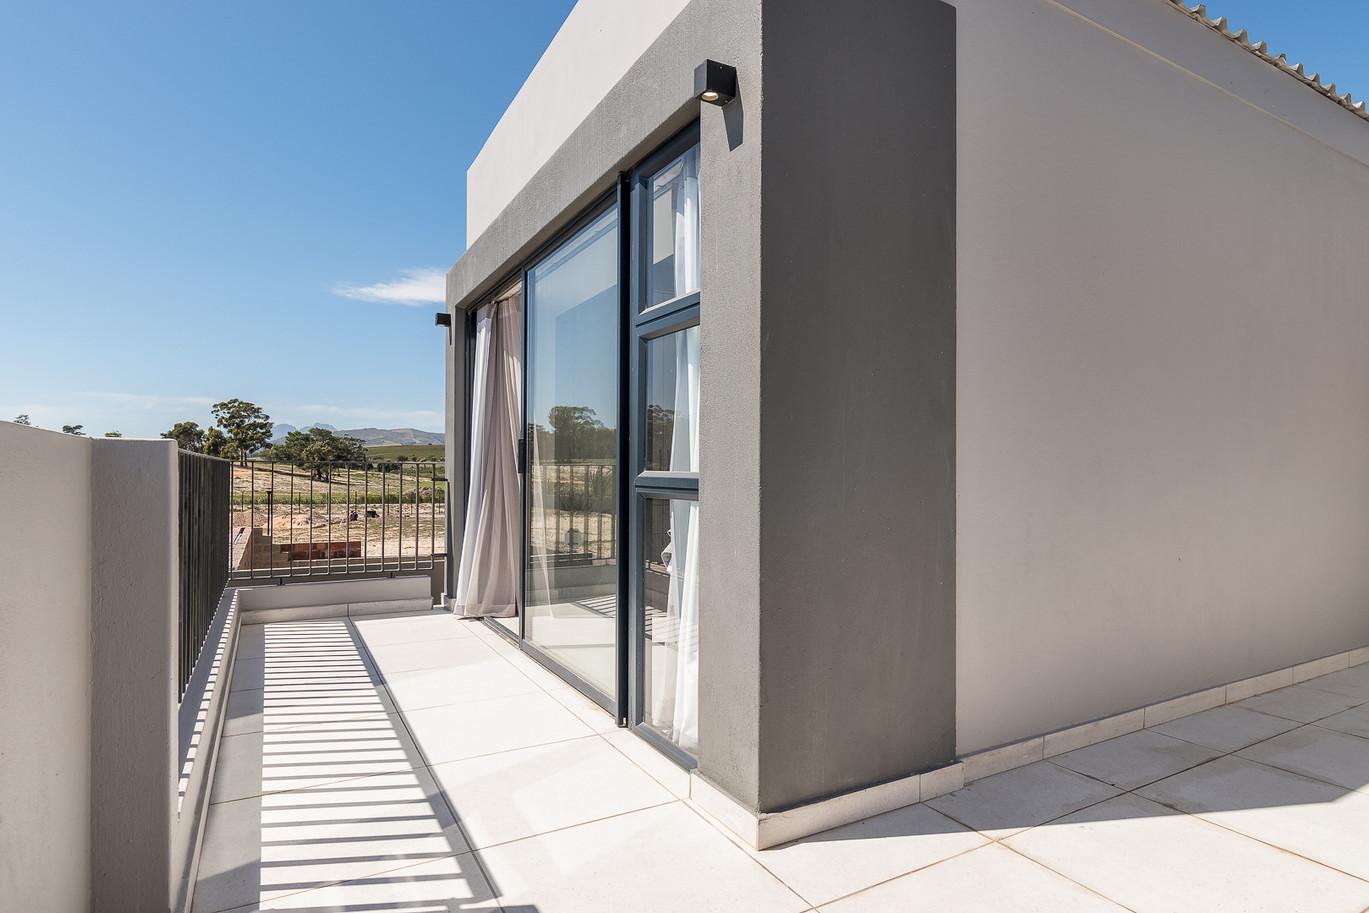 Greystone Balcony 4